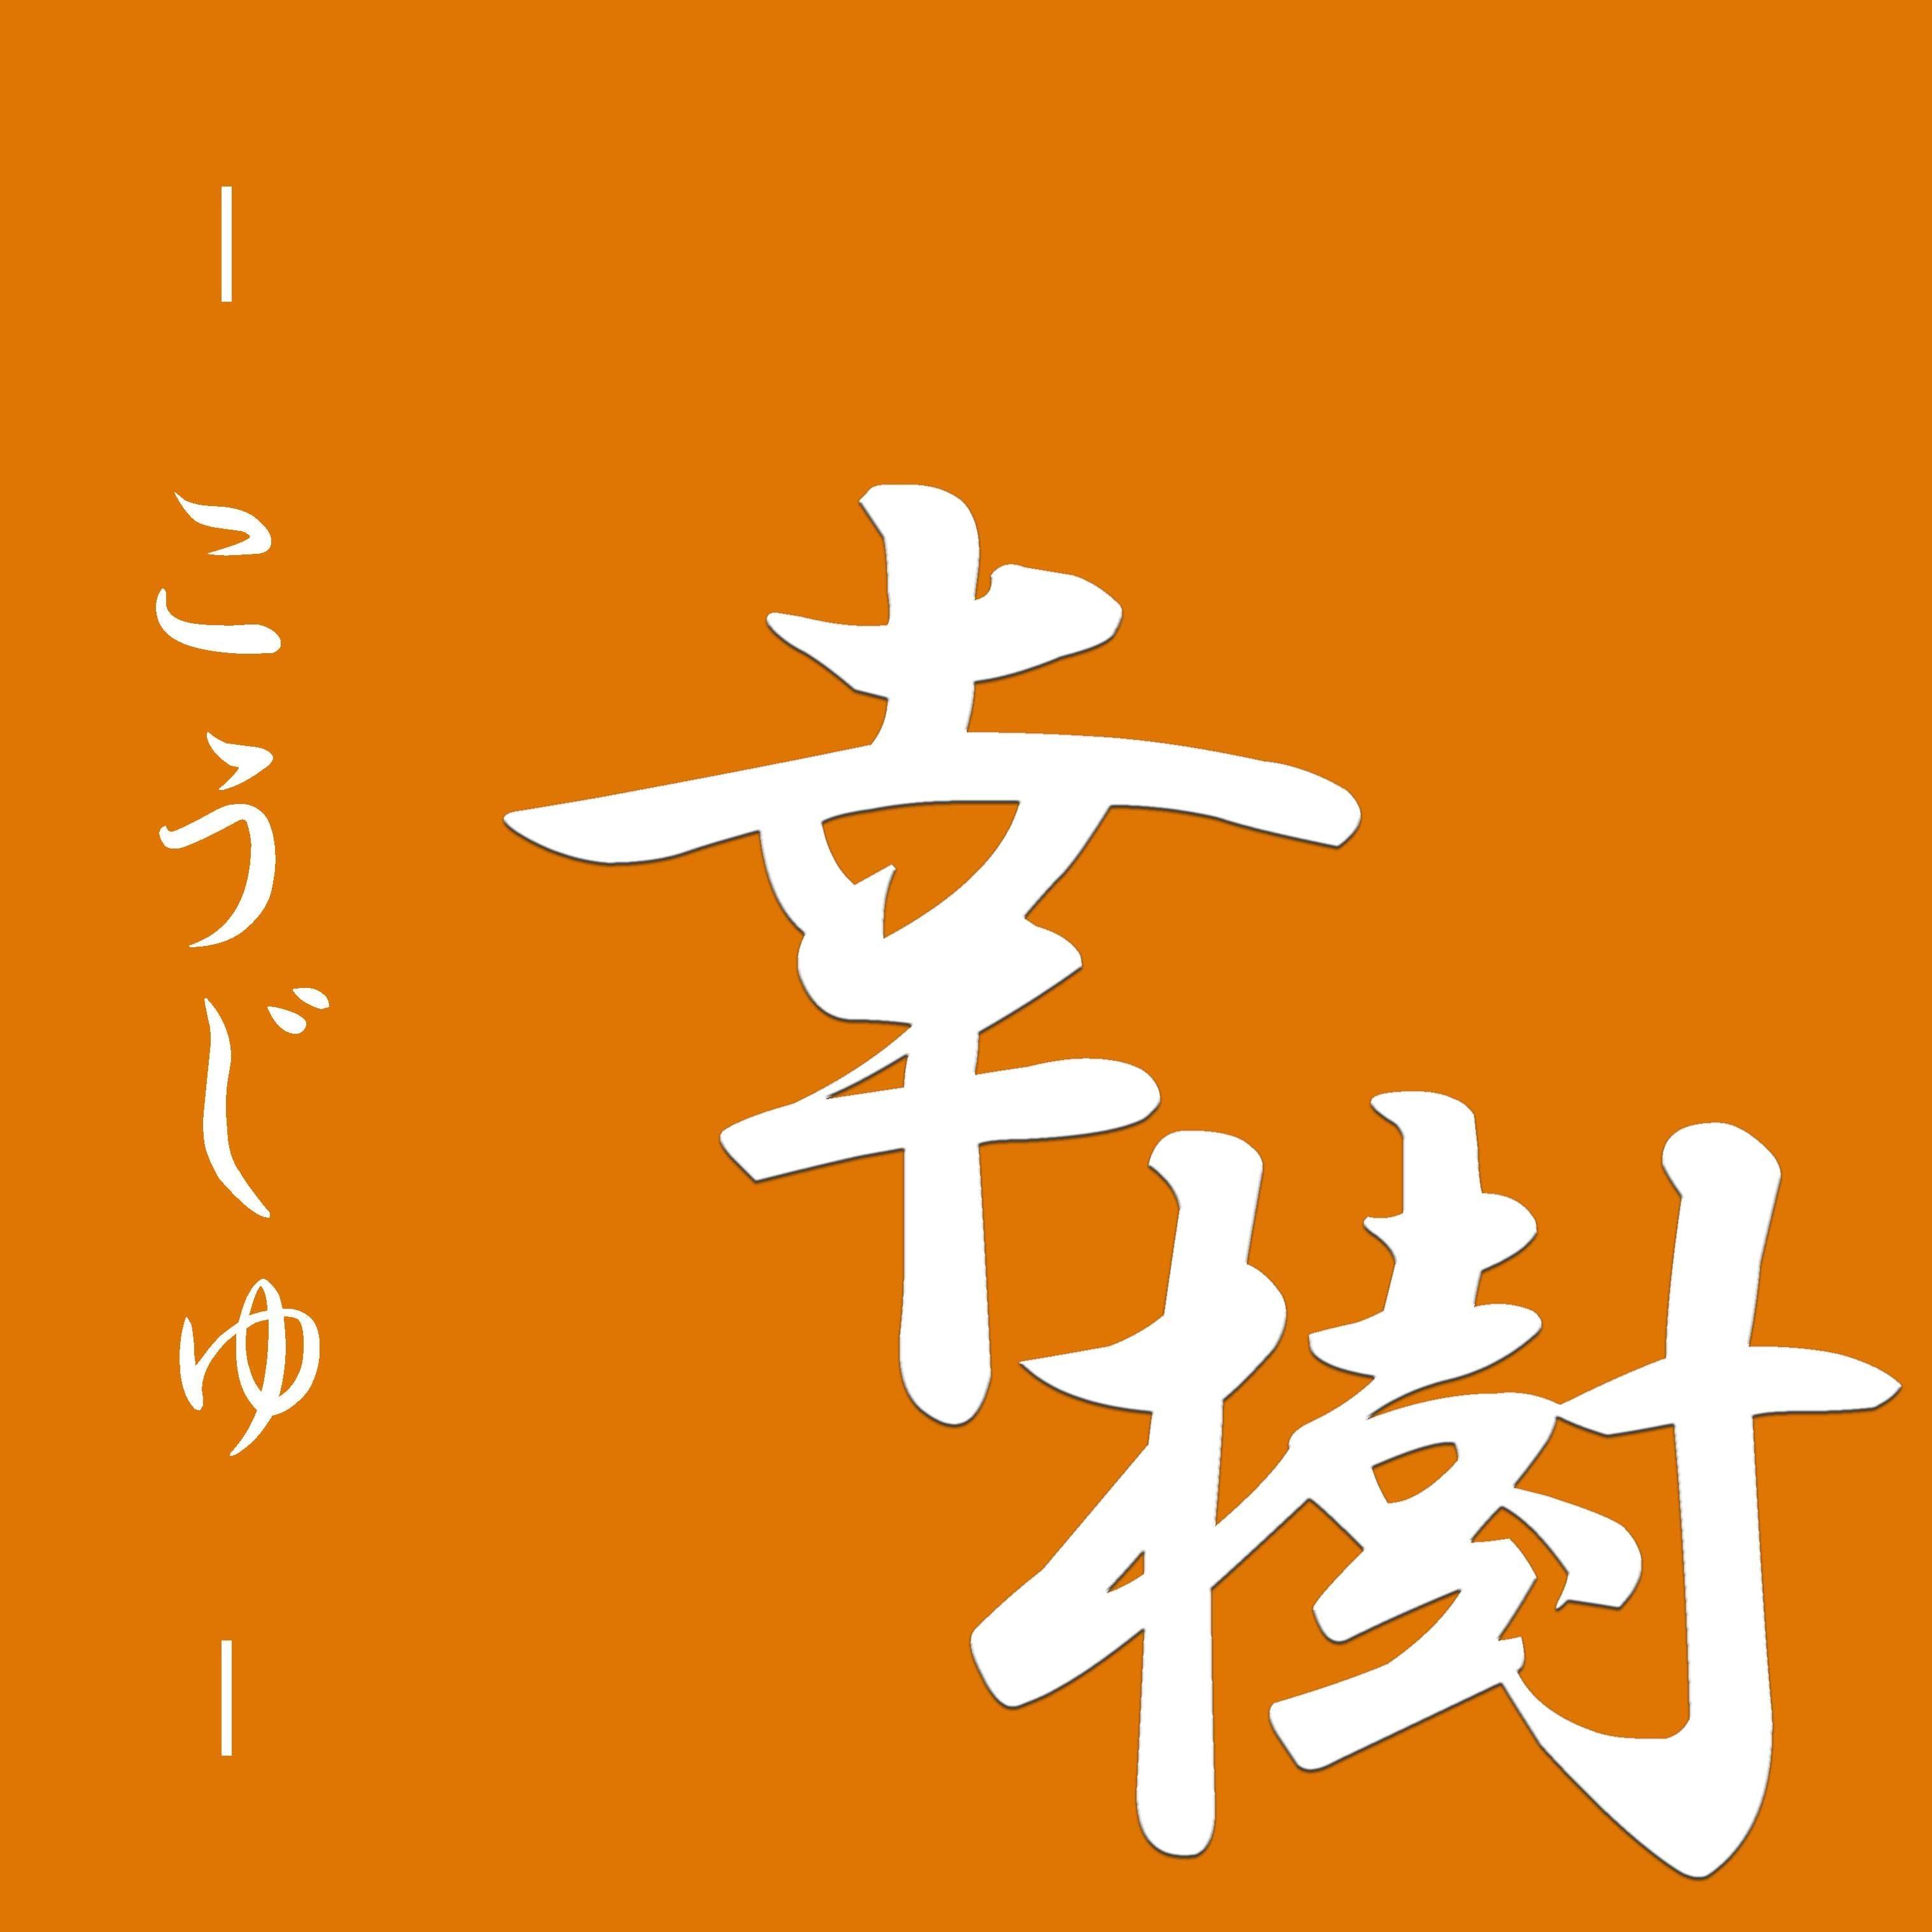 幸樹 -こうじゅ-